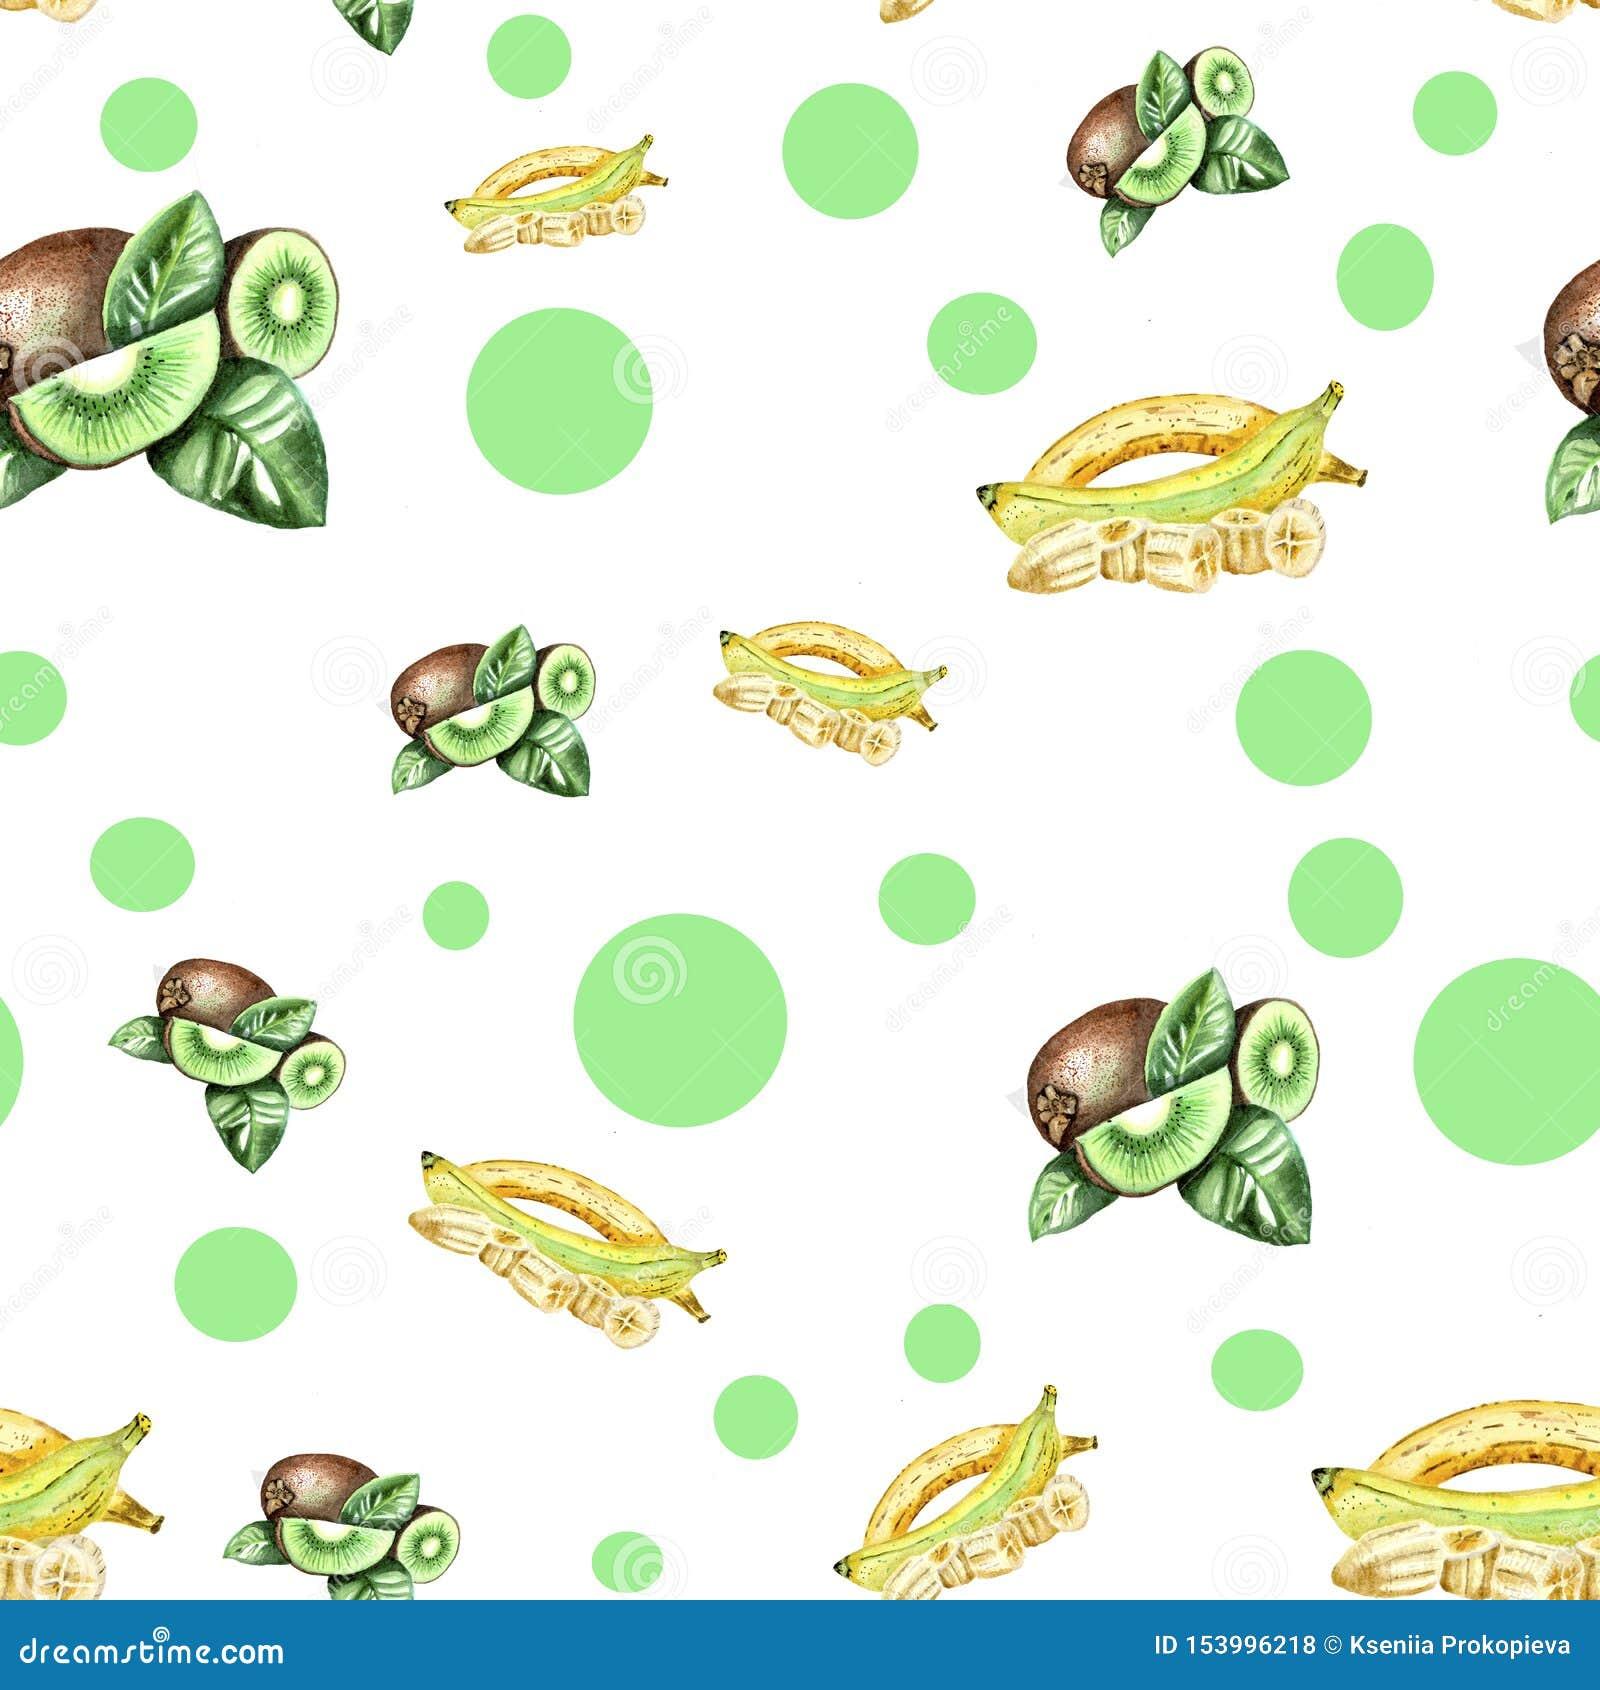 Wit patroon met groen punten en vruchten kunstwerk